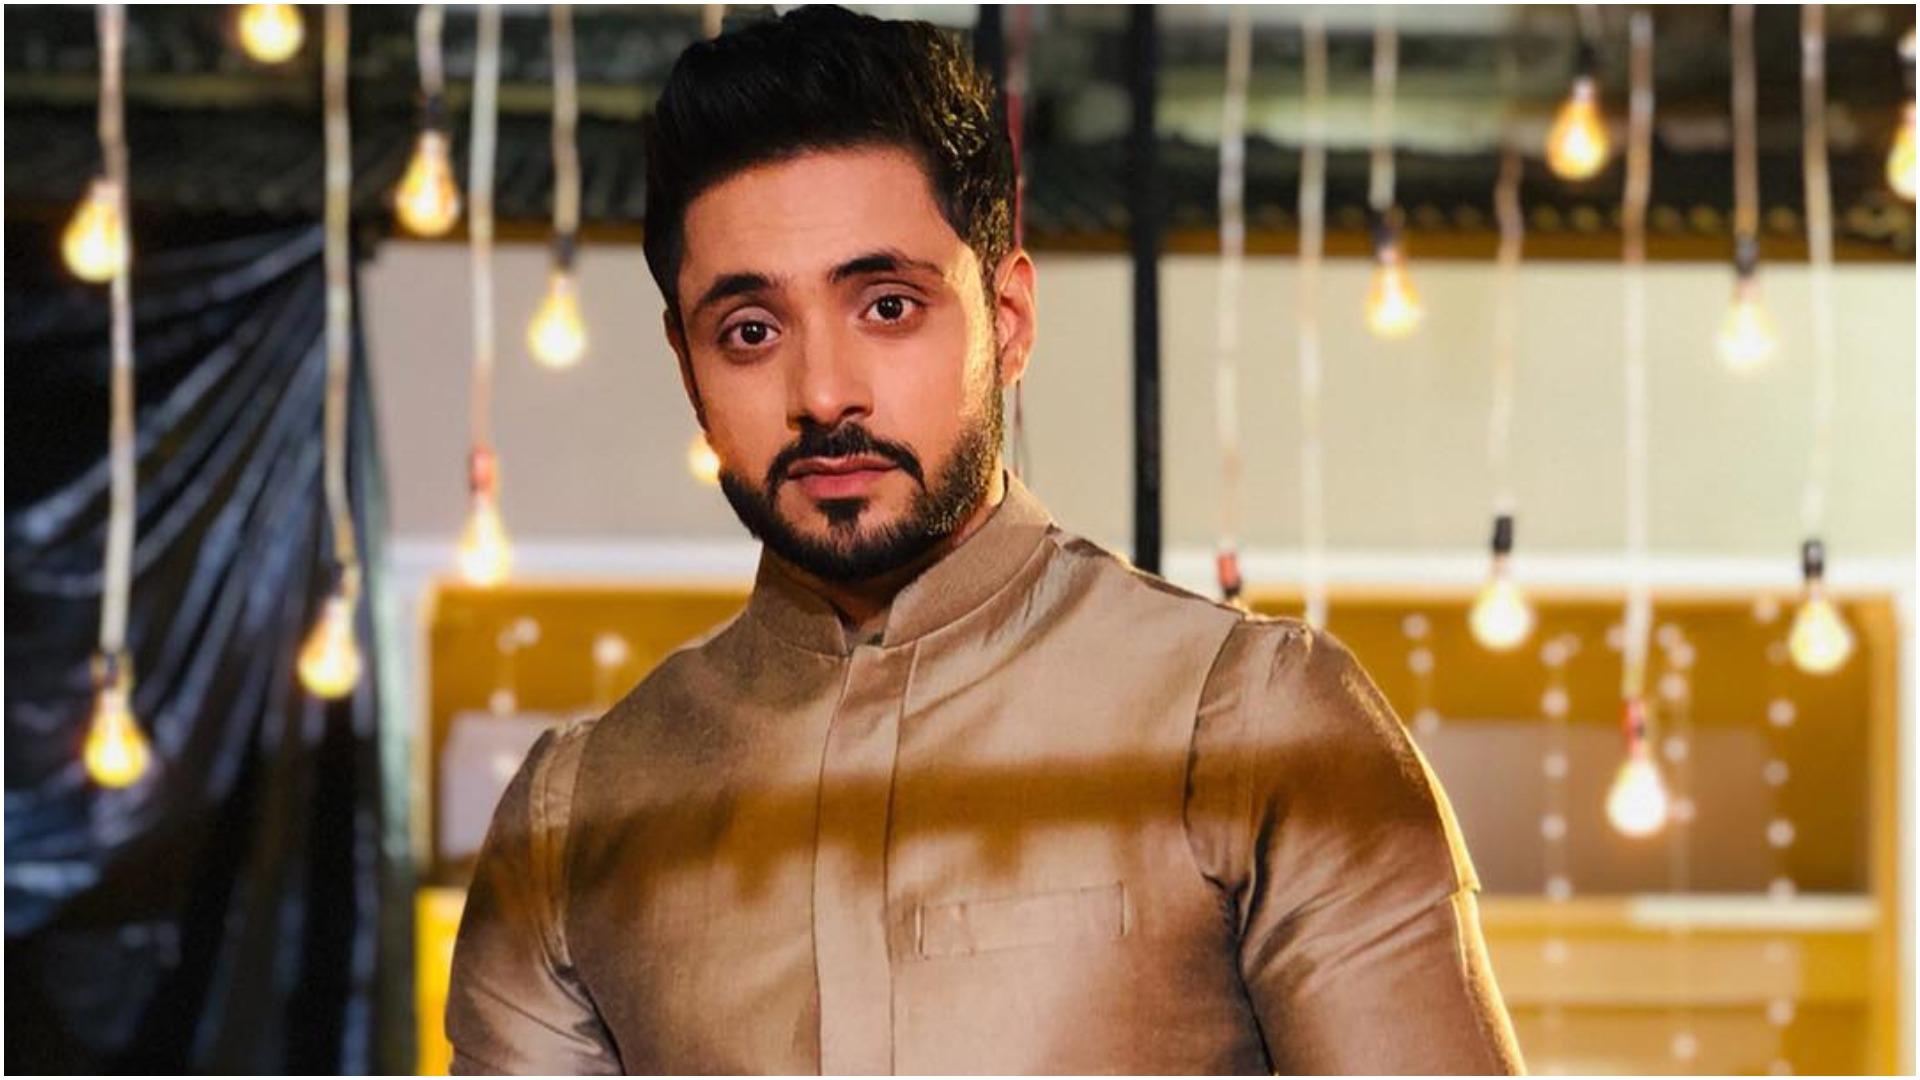 एक्सक्लूसिव: इश्क सुभान अल्लाह एक्टर अदनान खान ने अस्पताल से लौटने के बाद भी किया फाइट सीन